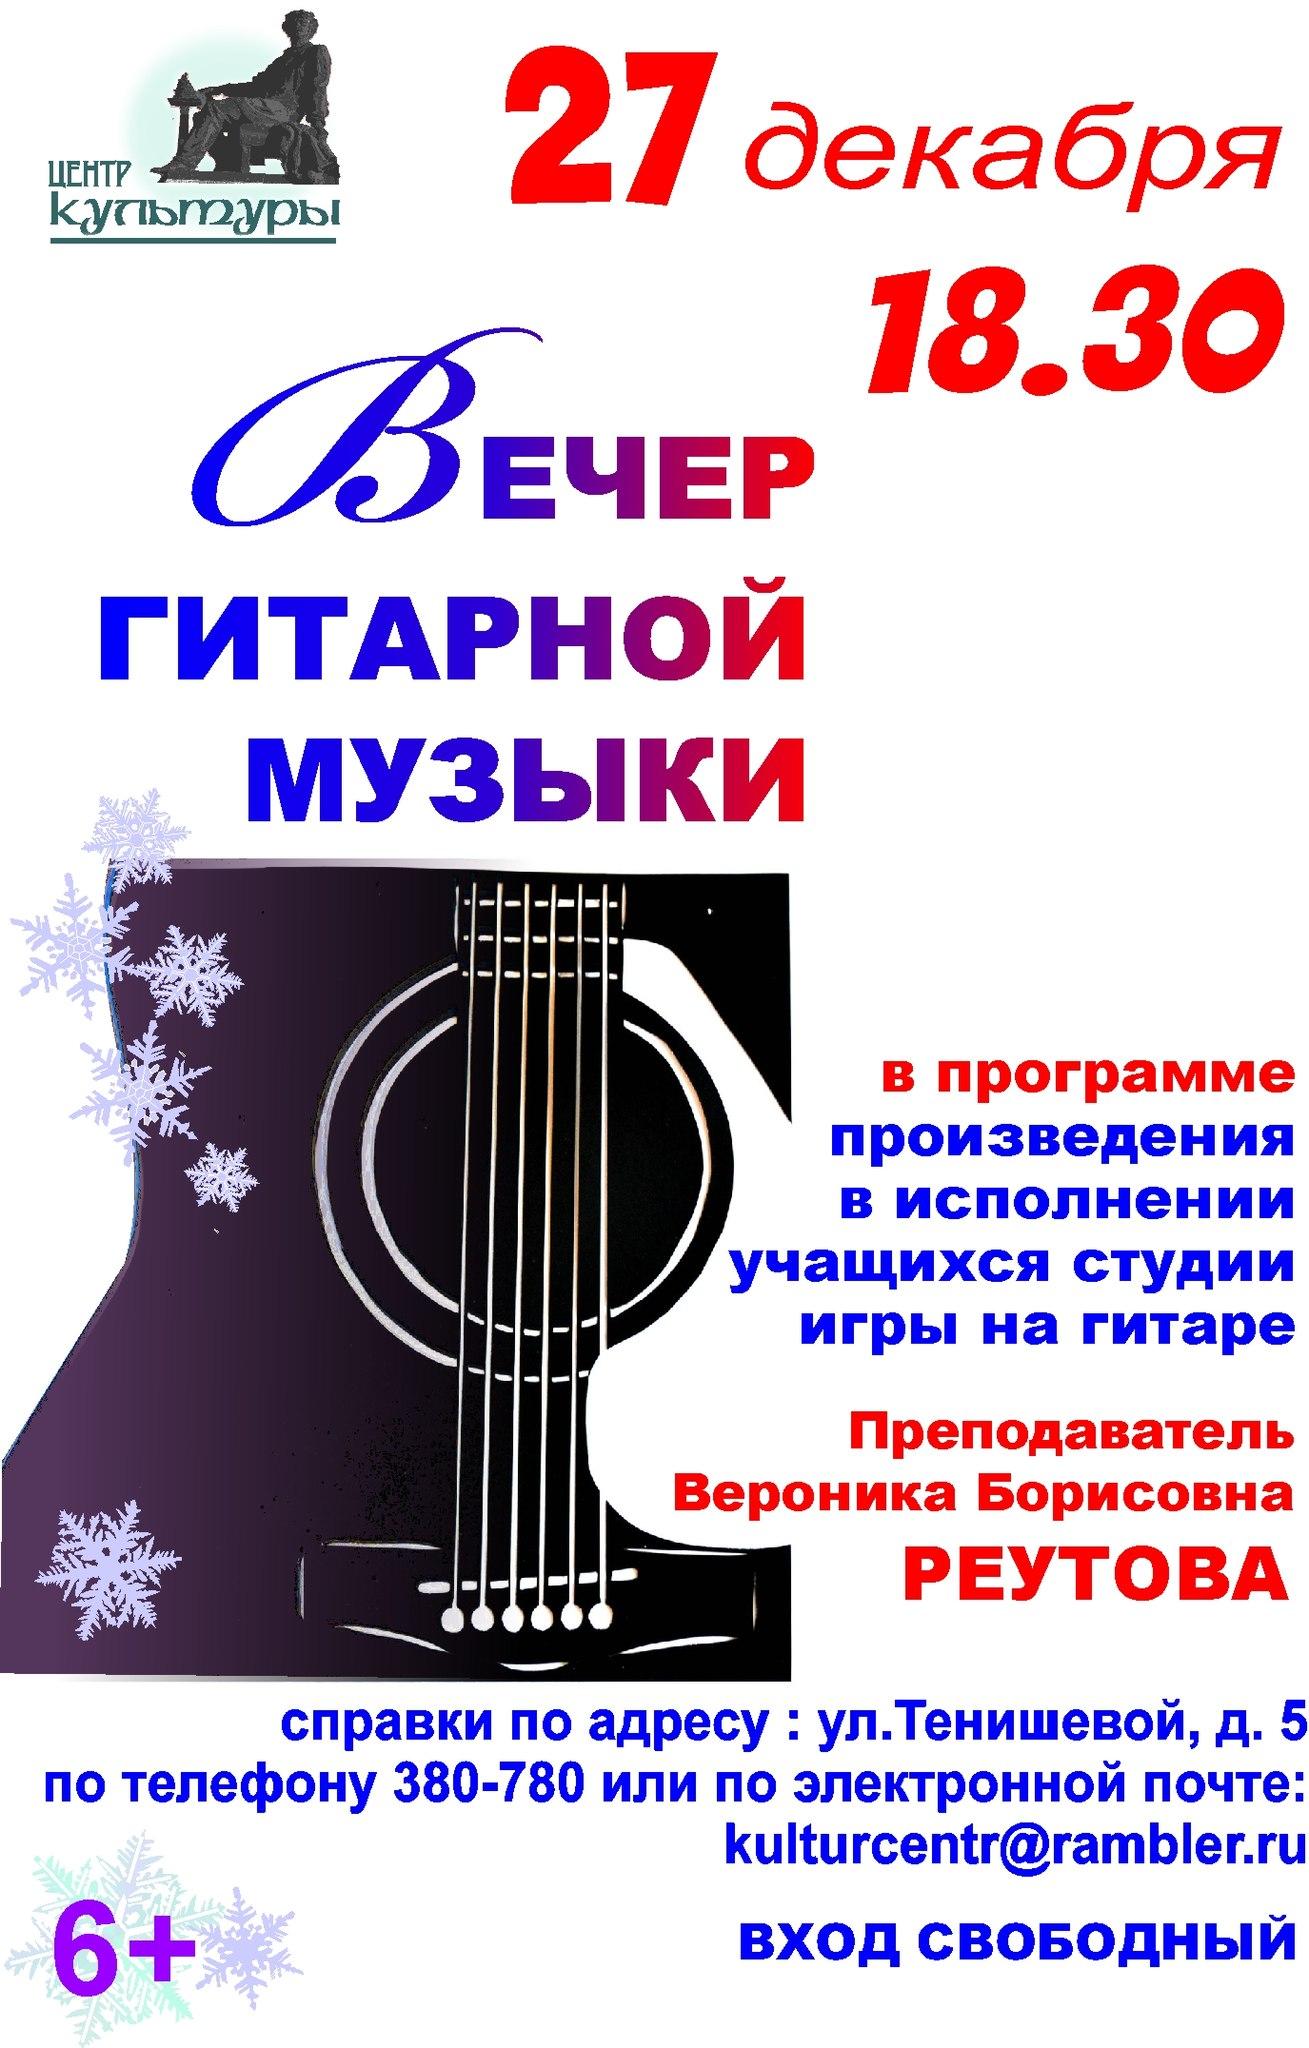 Сценарии вечеров гитарной музыки